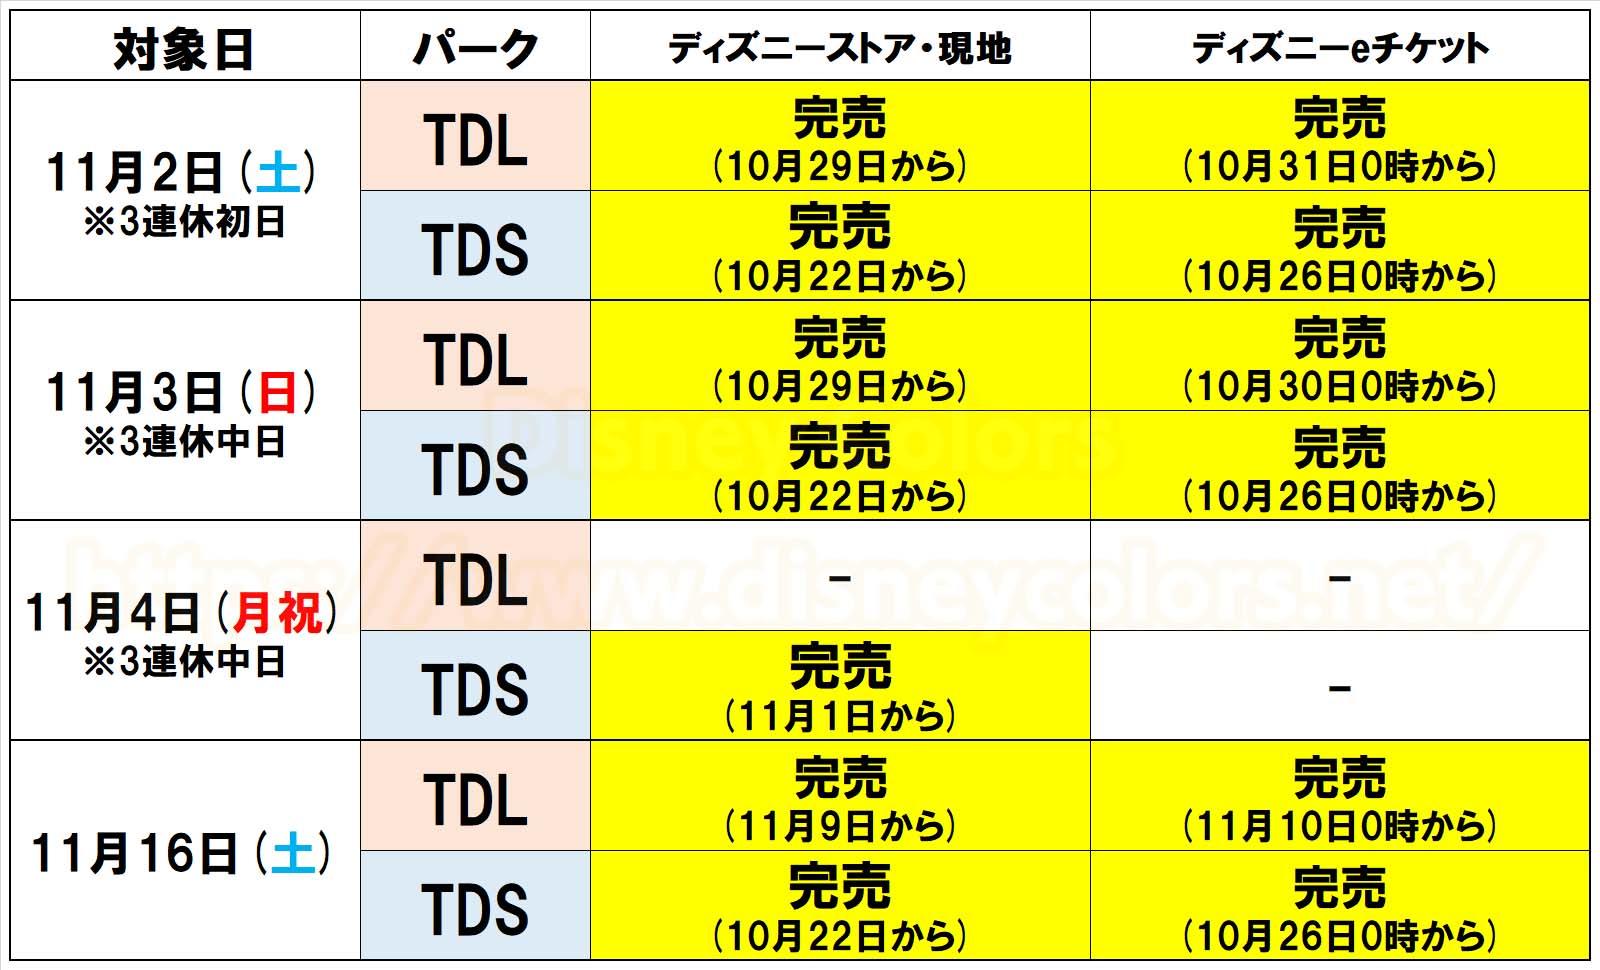 東京ディズニーシー 前売券完売 11月2日 11月3日 11月4日 11月16日